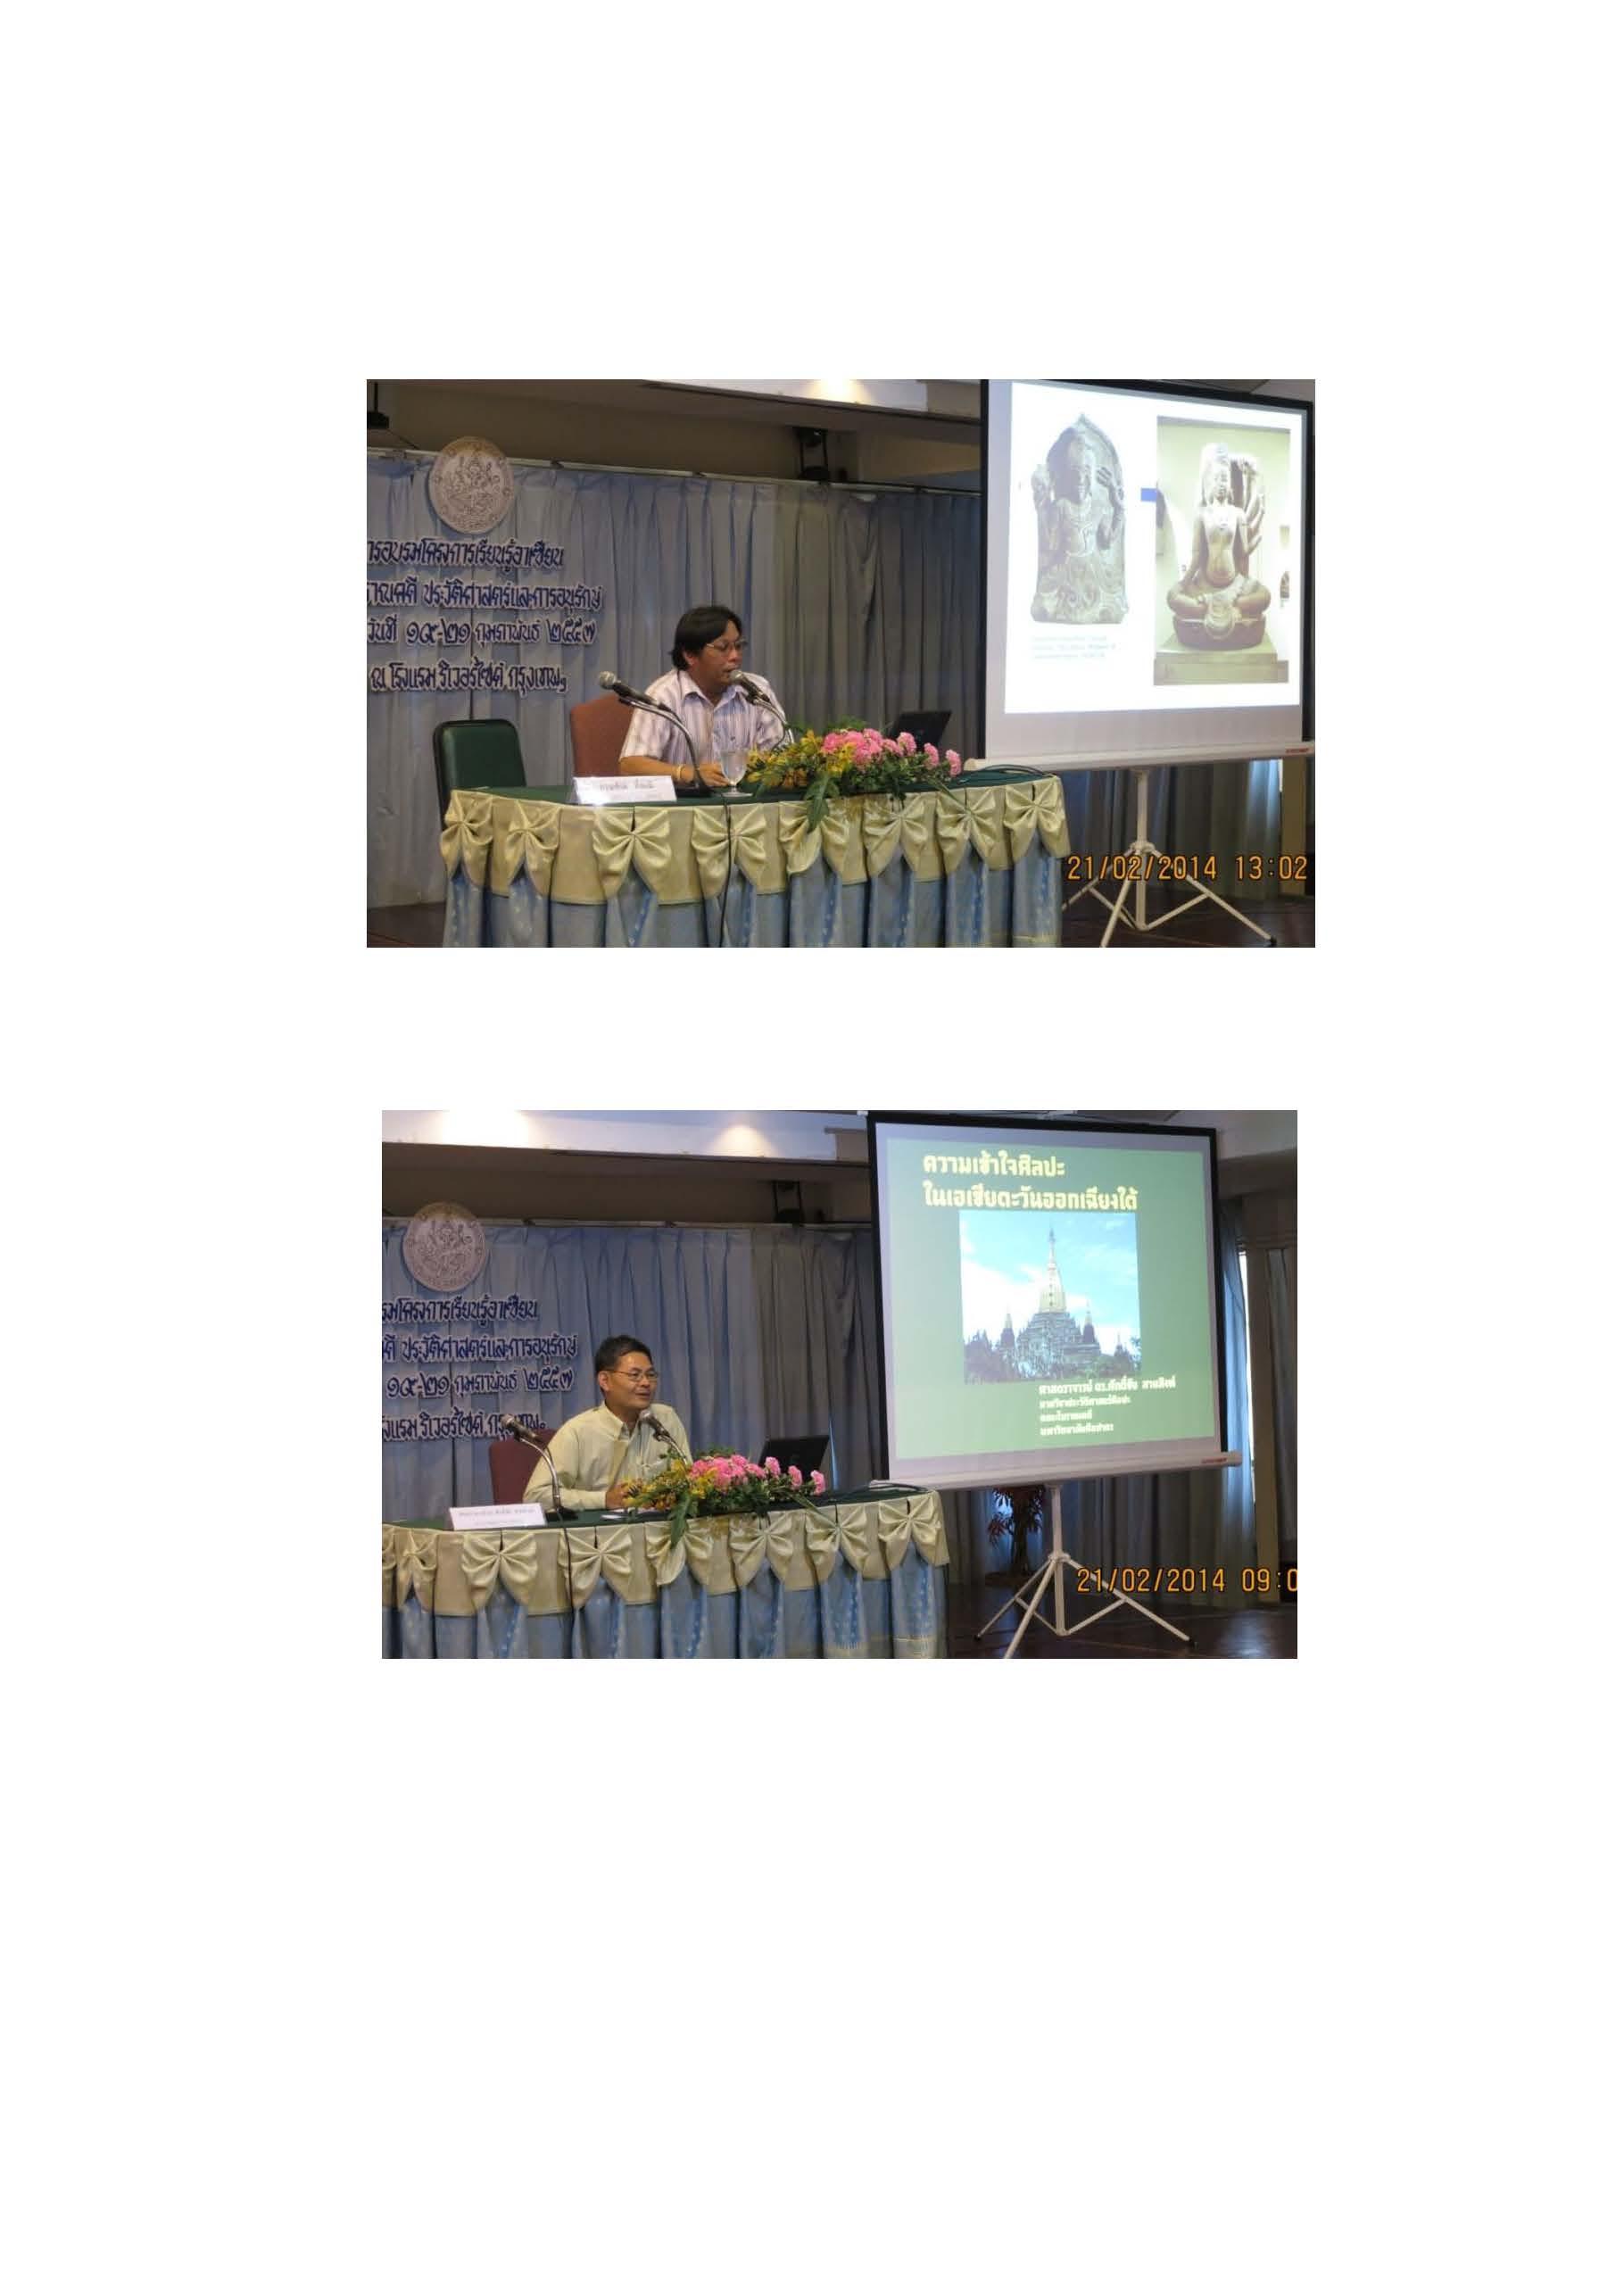 โครงการพัฒนาบุคลากร เรื่อง โครงการเรียนรู้อาเซียนด้านโบราณคดีประวัติศาสตร์และการอนุรักษ์